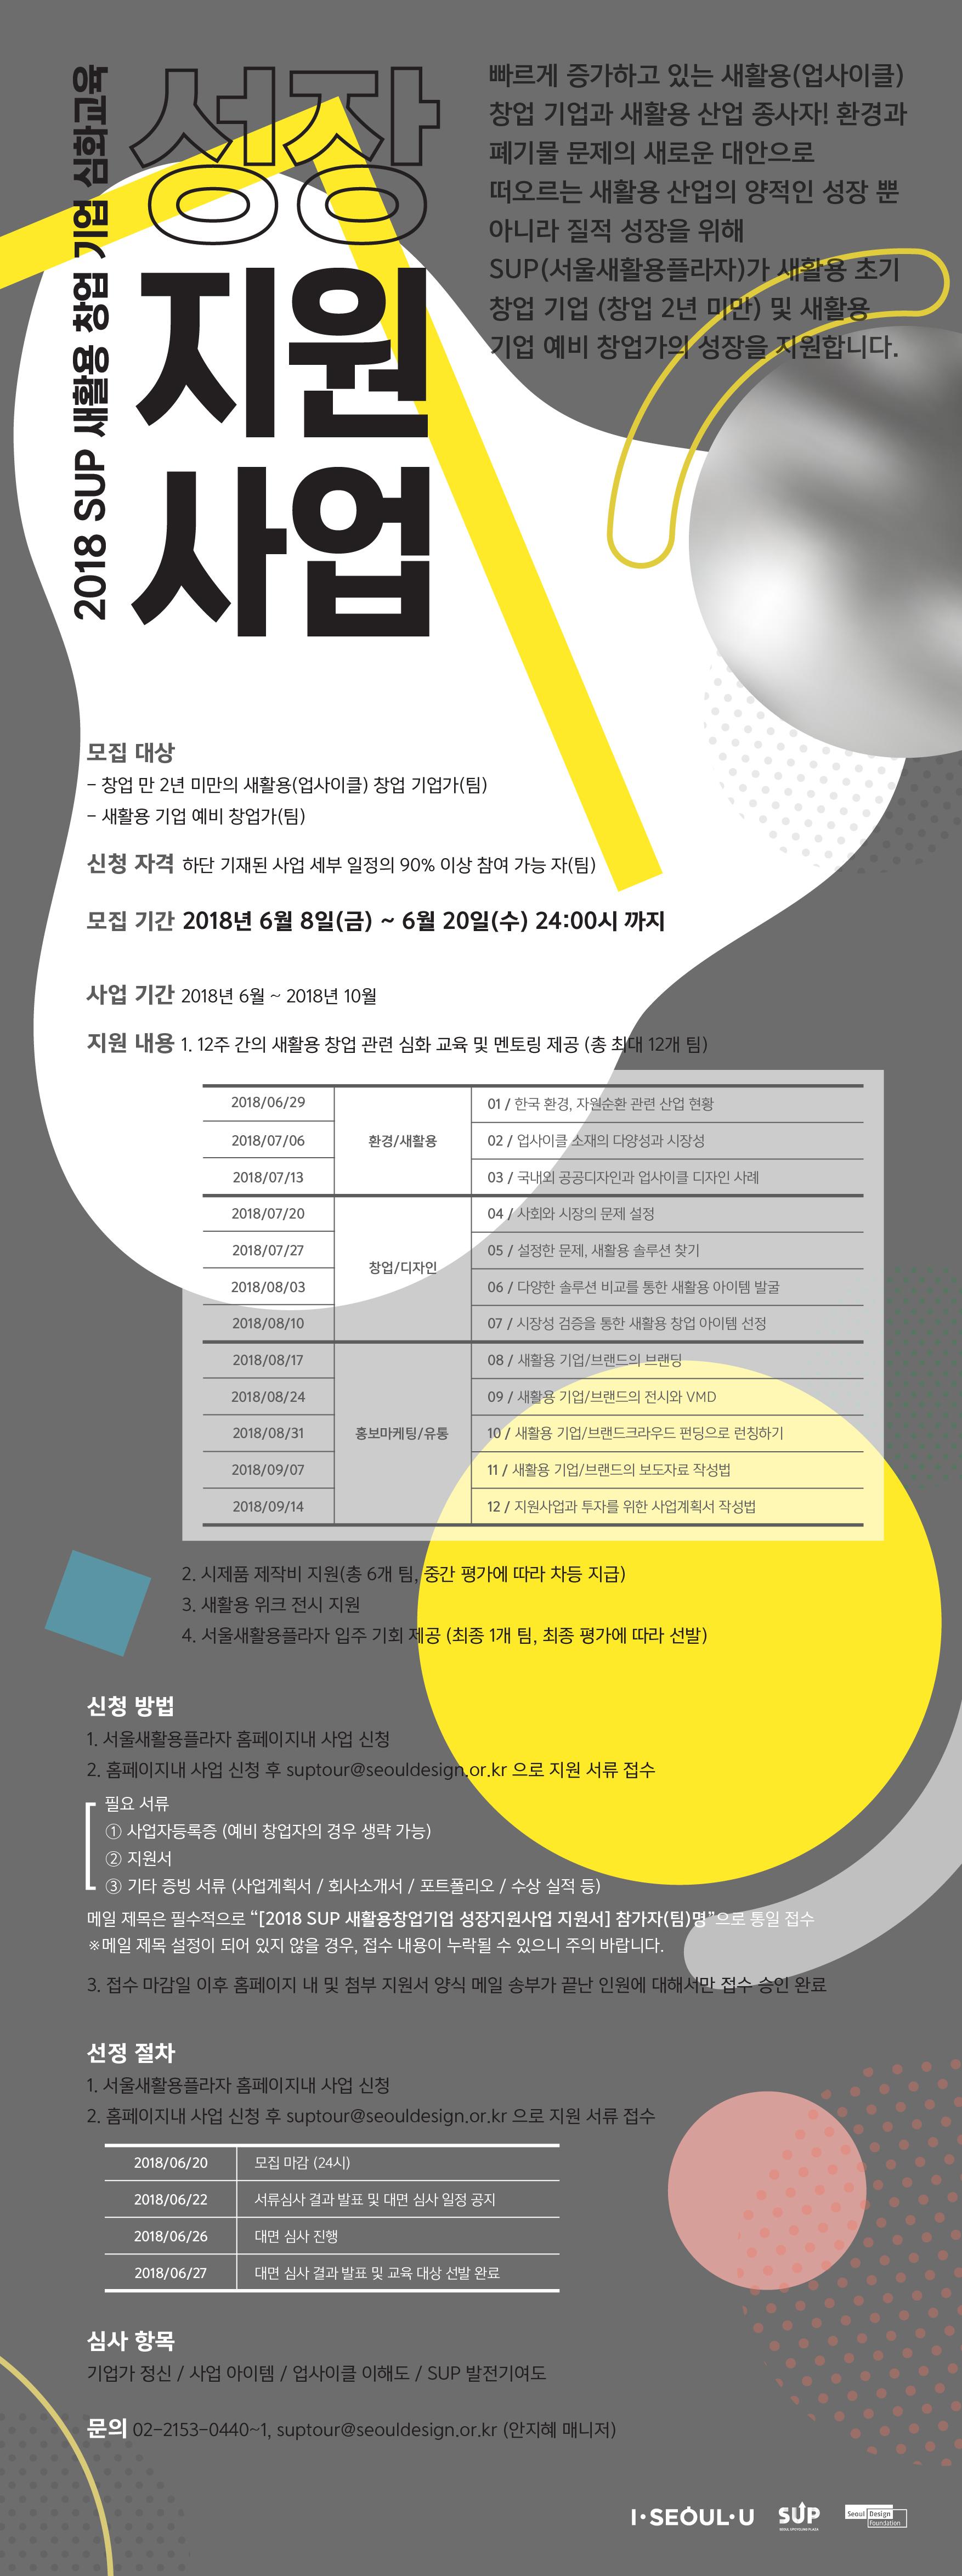 2018 SUP 새활용창업기업 성장지원 사업 참여자 모집 안내 (~6/20까지)